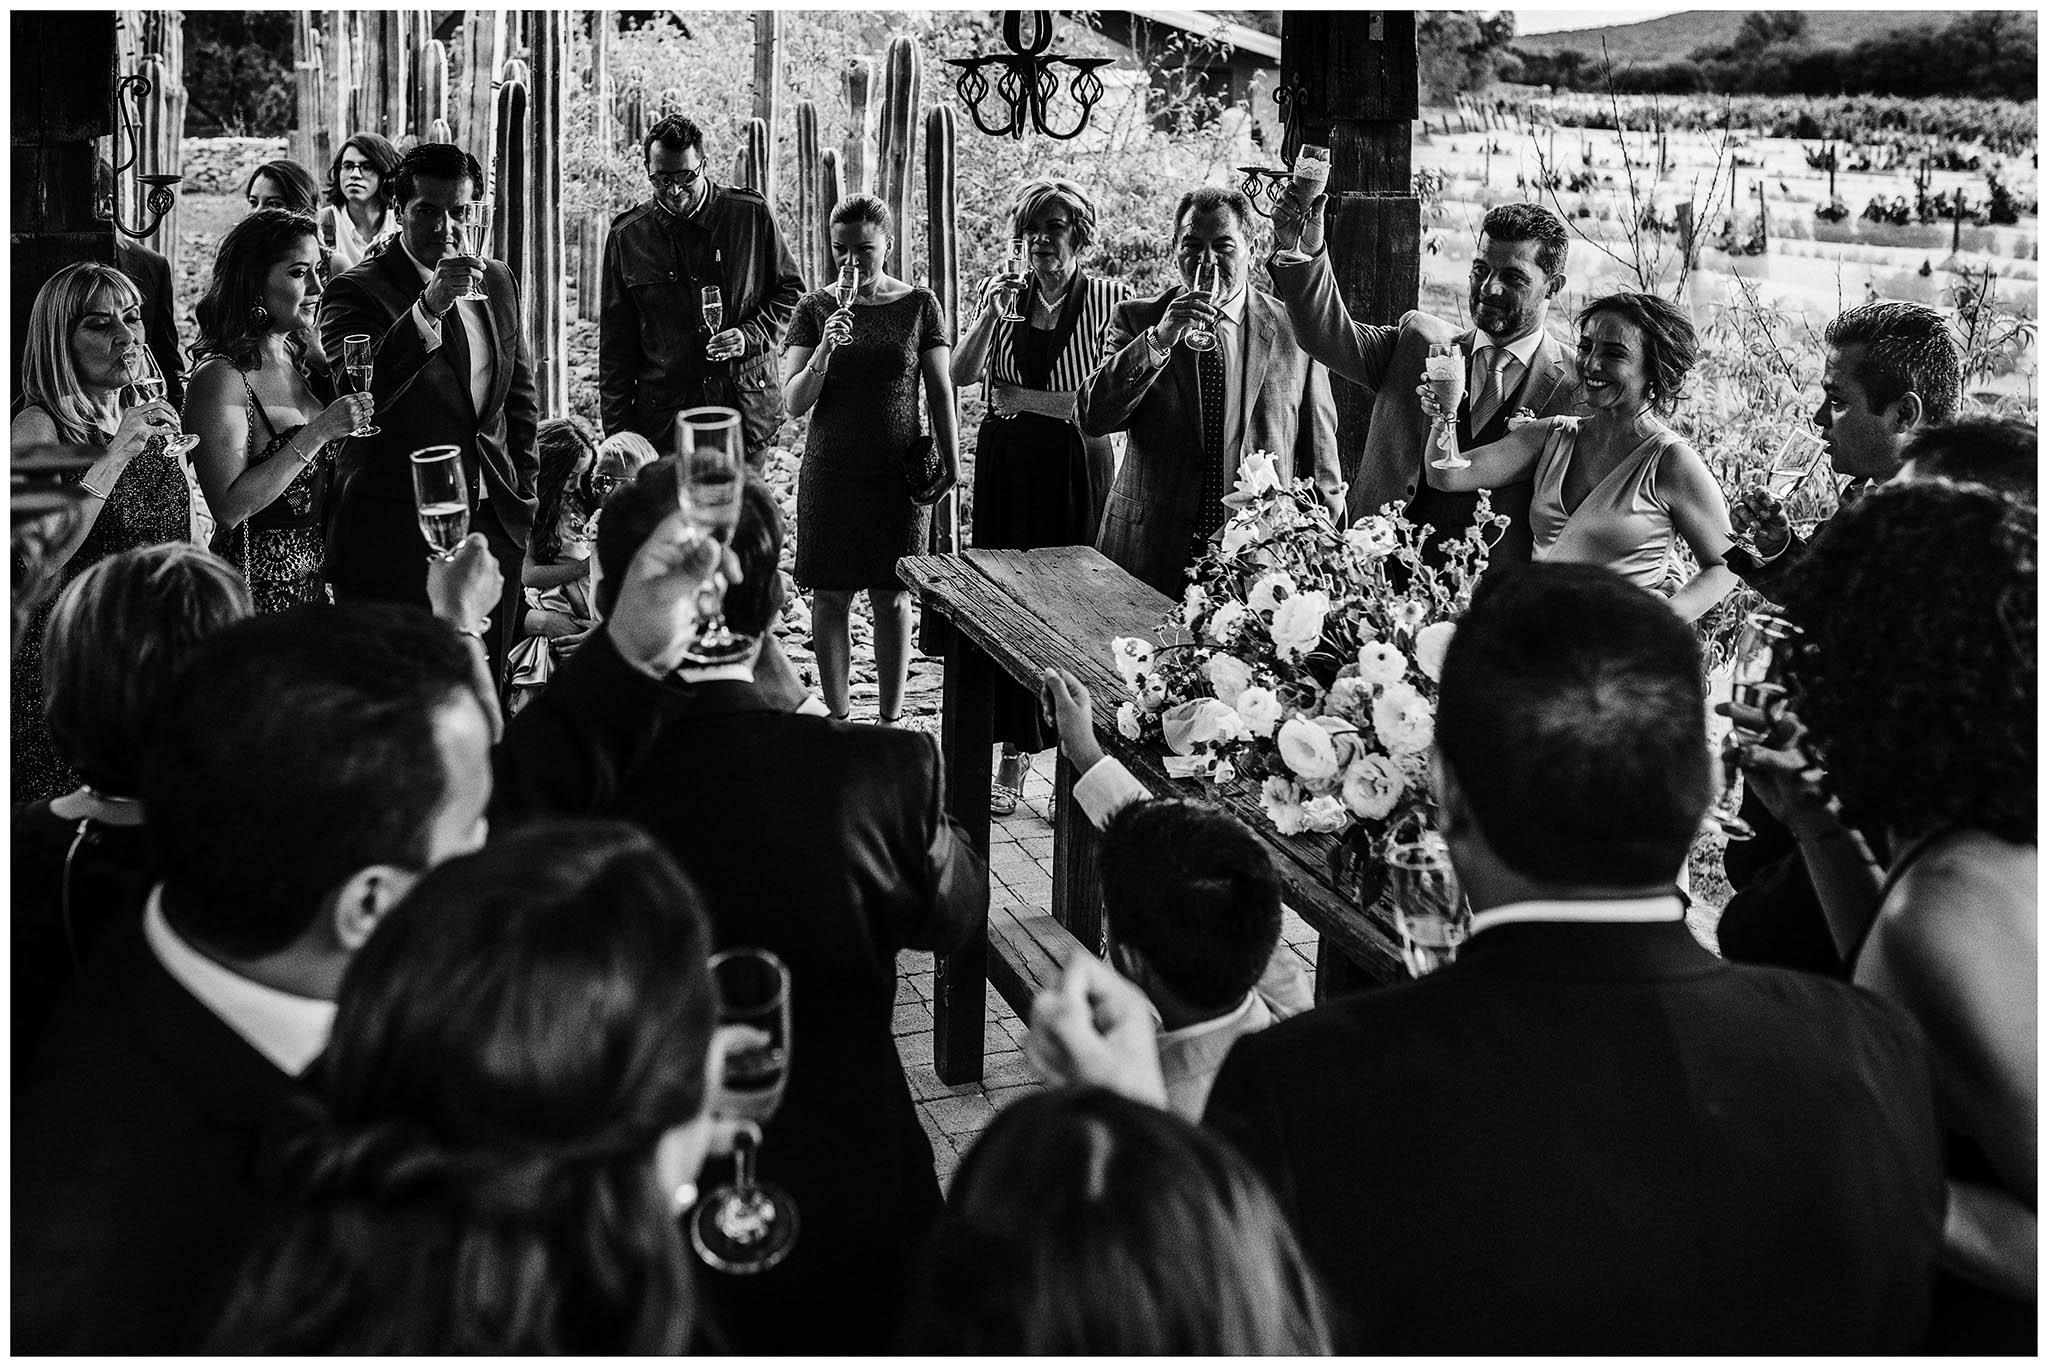 fotografo-bodas-viñedo-puerta-lobo-029.jpg